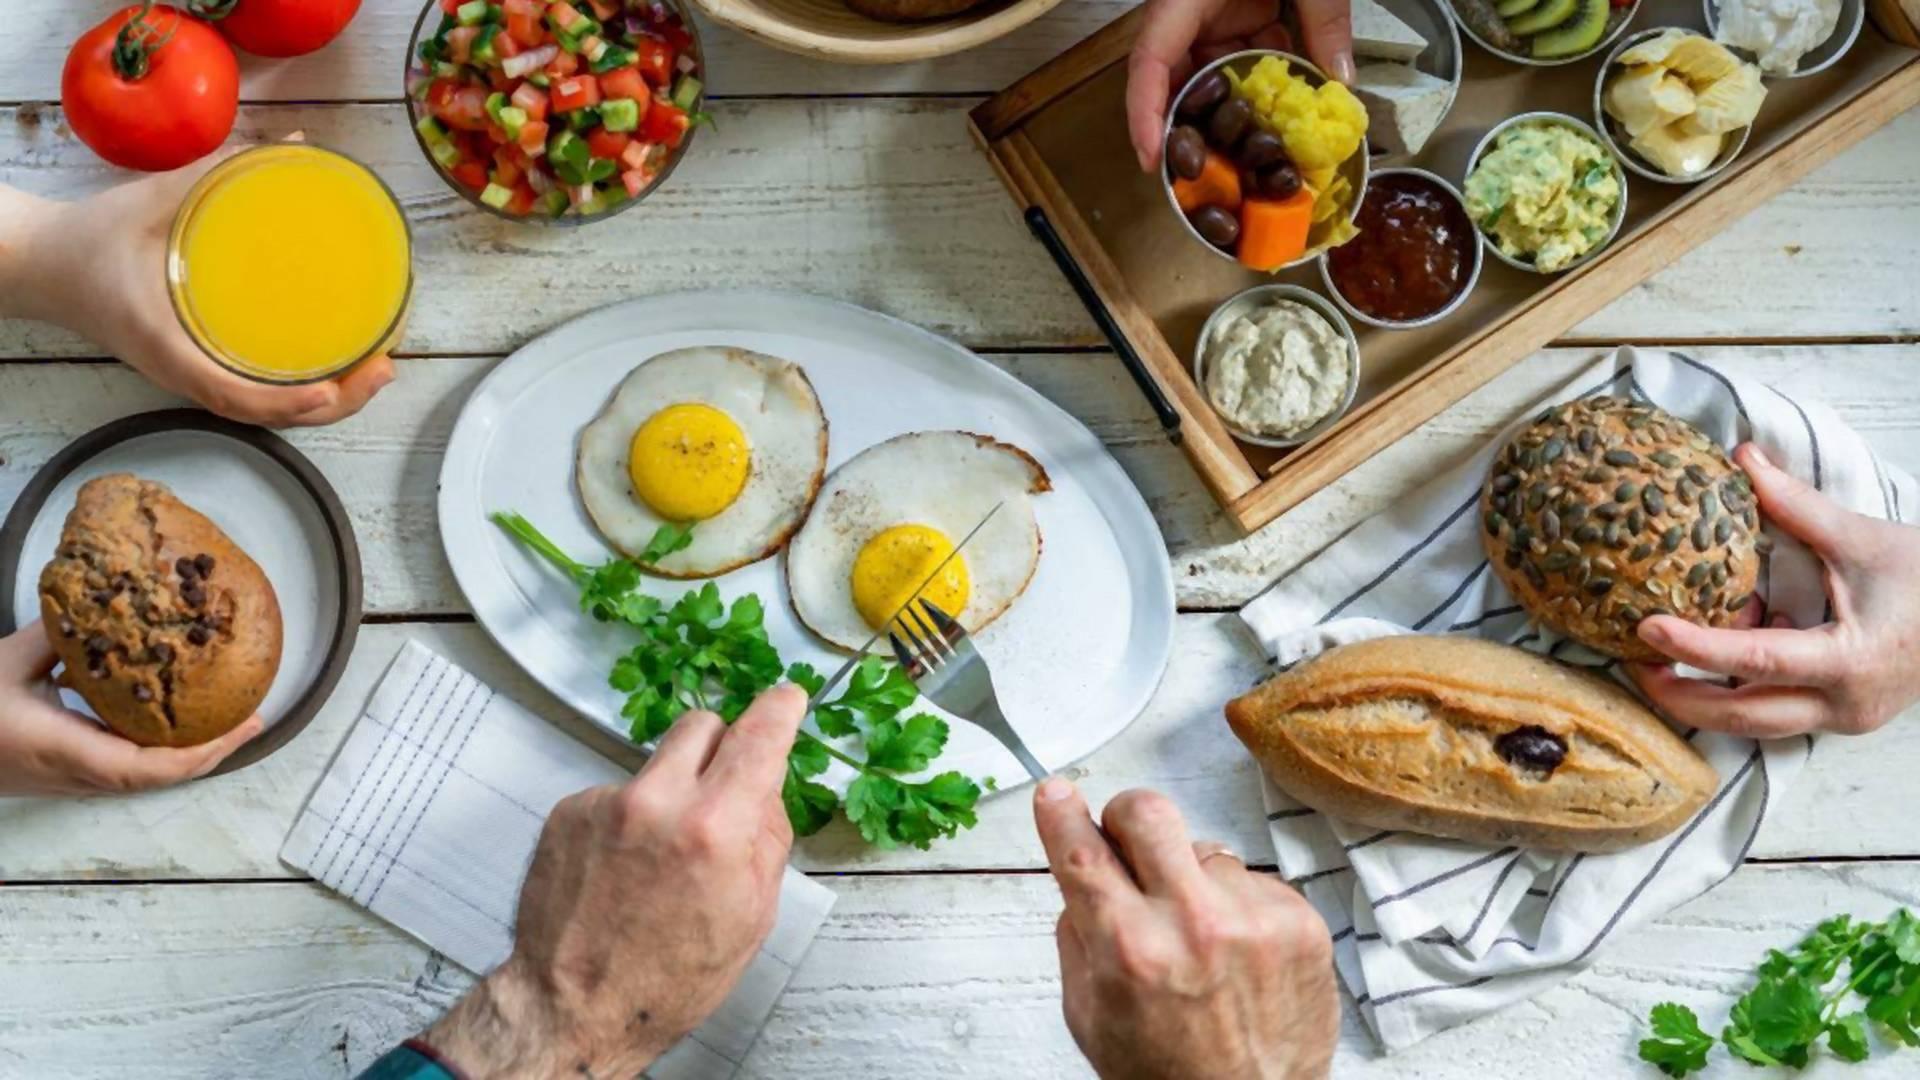 Wegańskie jajko sadzone bez cholesterolu. Nie czuć różnicy, a dla planety jest wielką zmianą